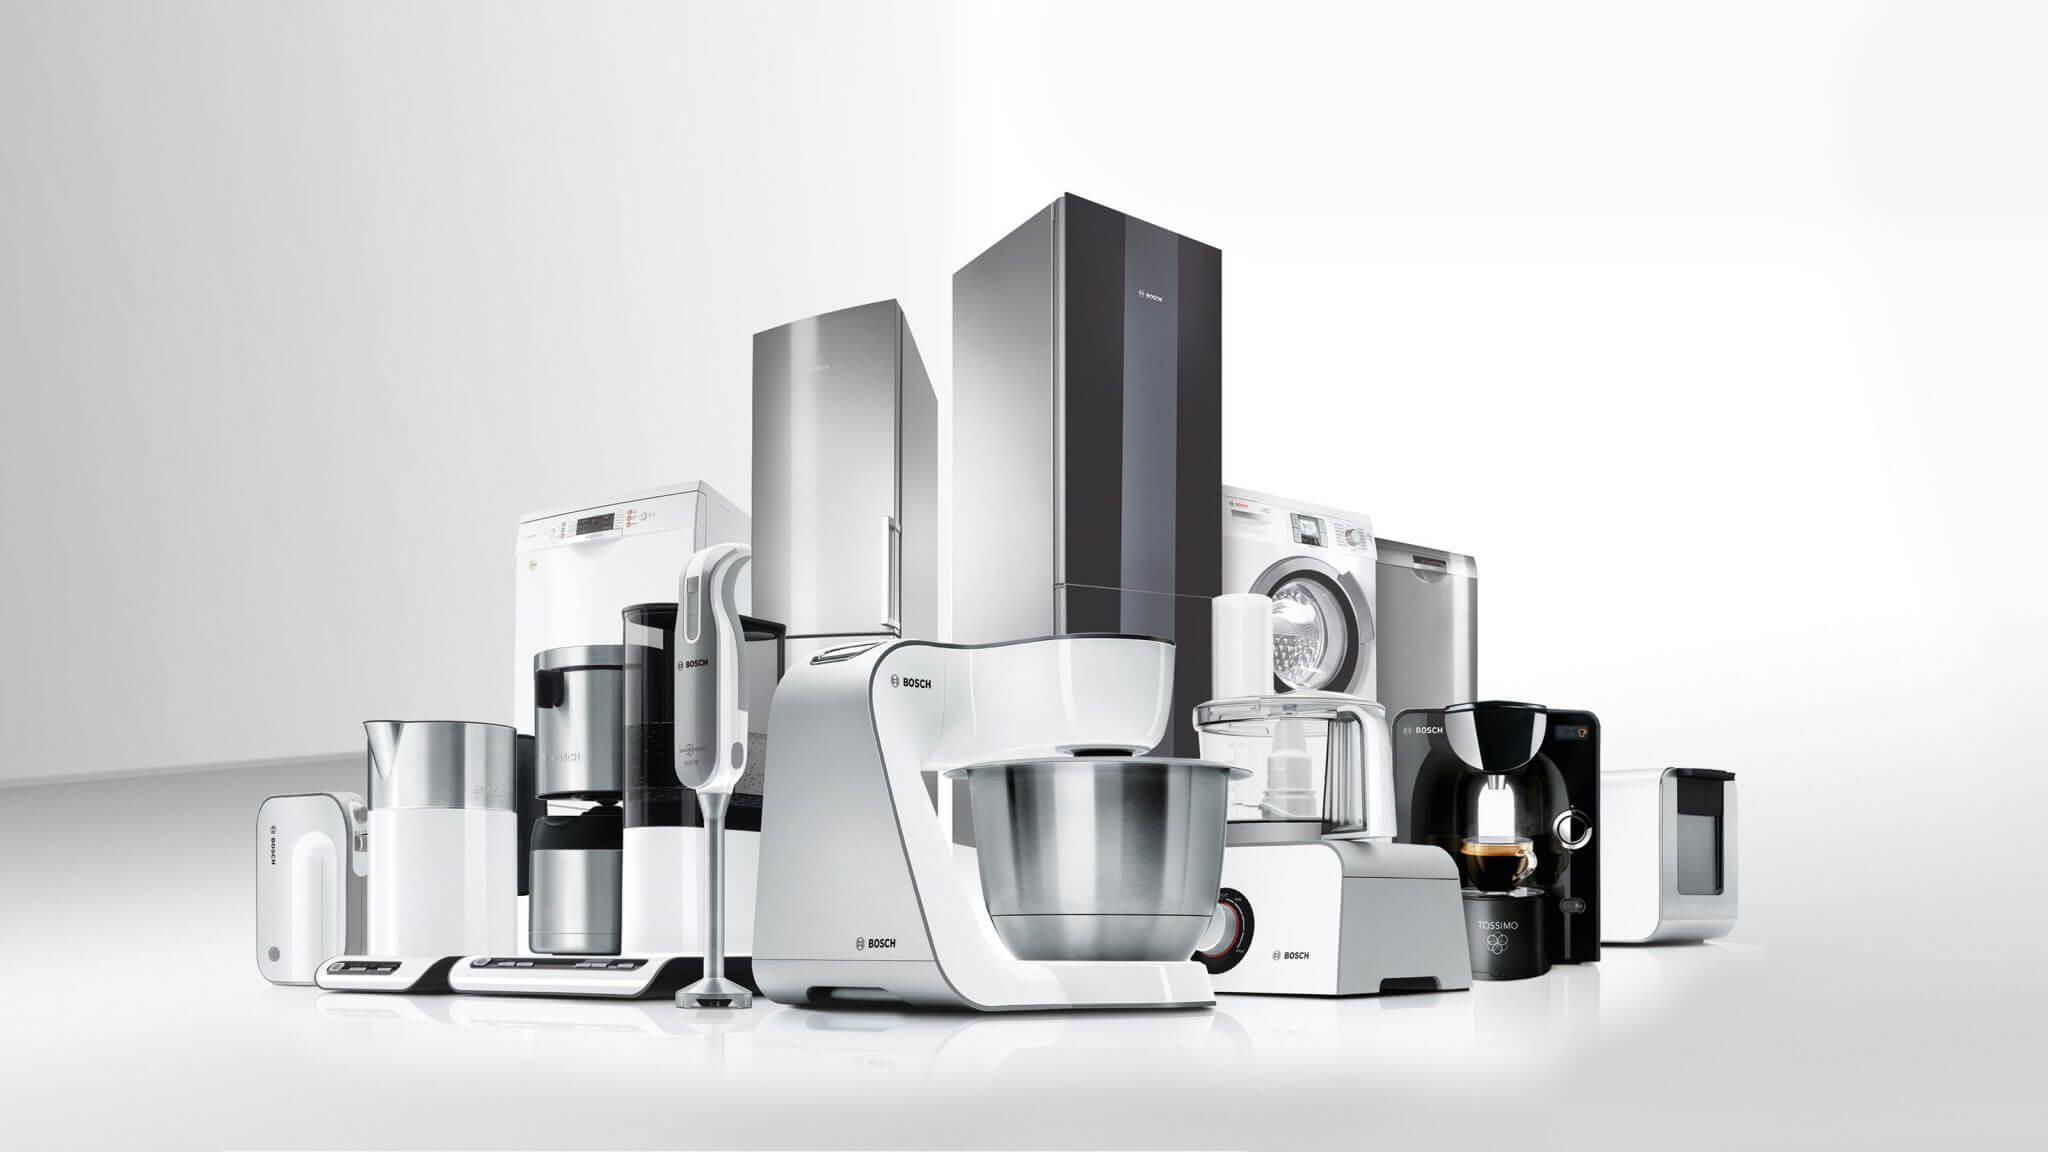 Os eletrodomésticos e cafeteiras mais buscados no Zoom em janeiro